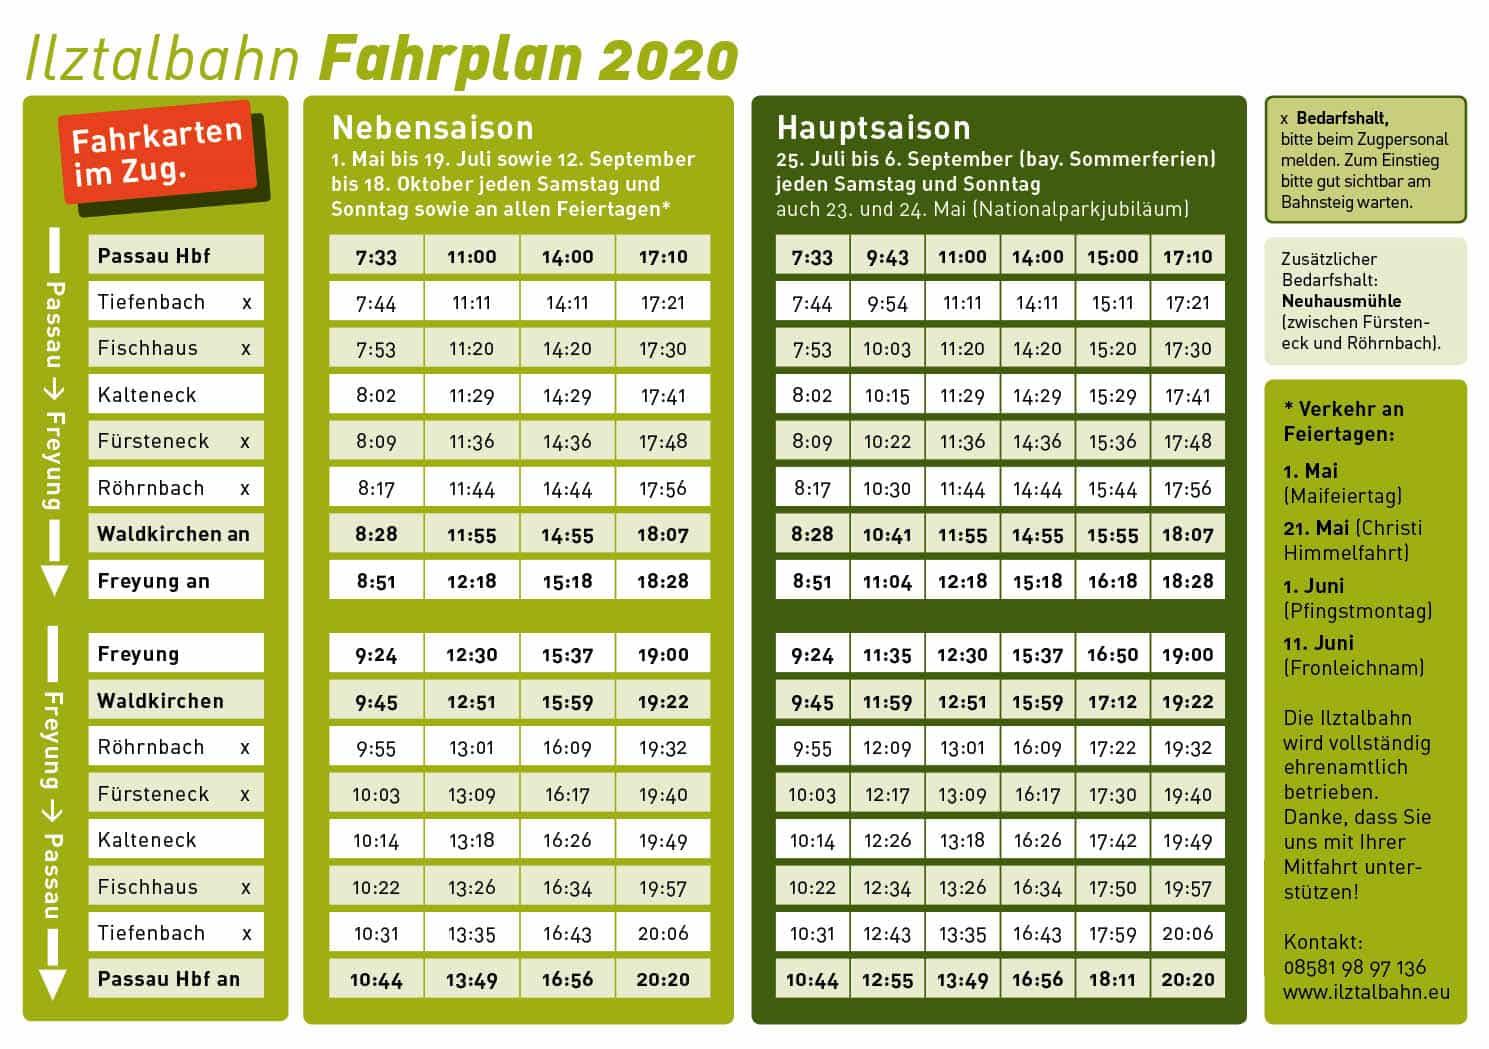 Deutschen Bahn Fahrplanauskunft